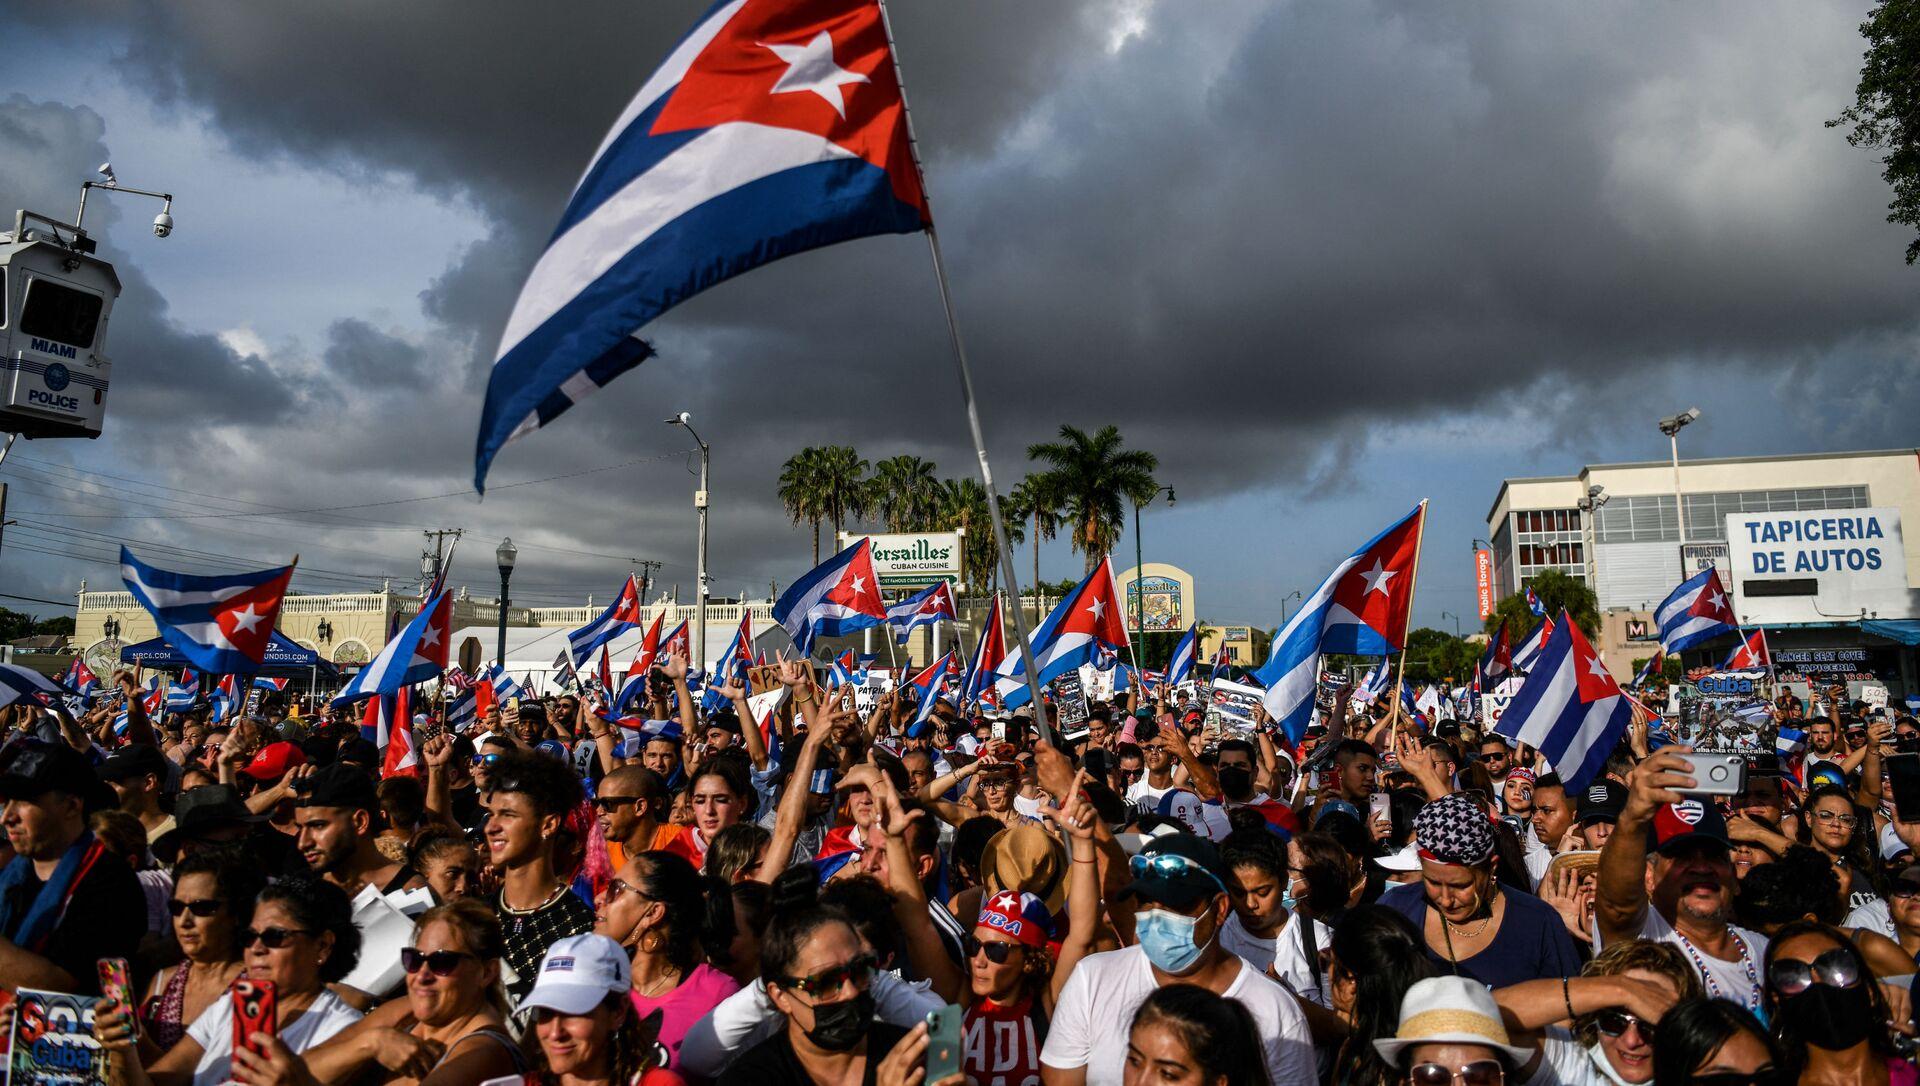 Люди в Майами протестуют в знак поддержки демонстраций кубинцев против своего правительства, 14 июля 2021 года - Sputnik Азербайджан, 1920, 15.07.2021